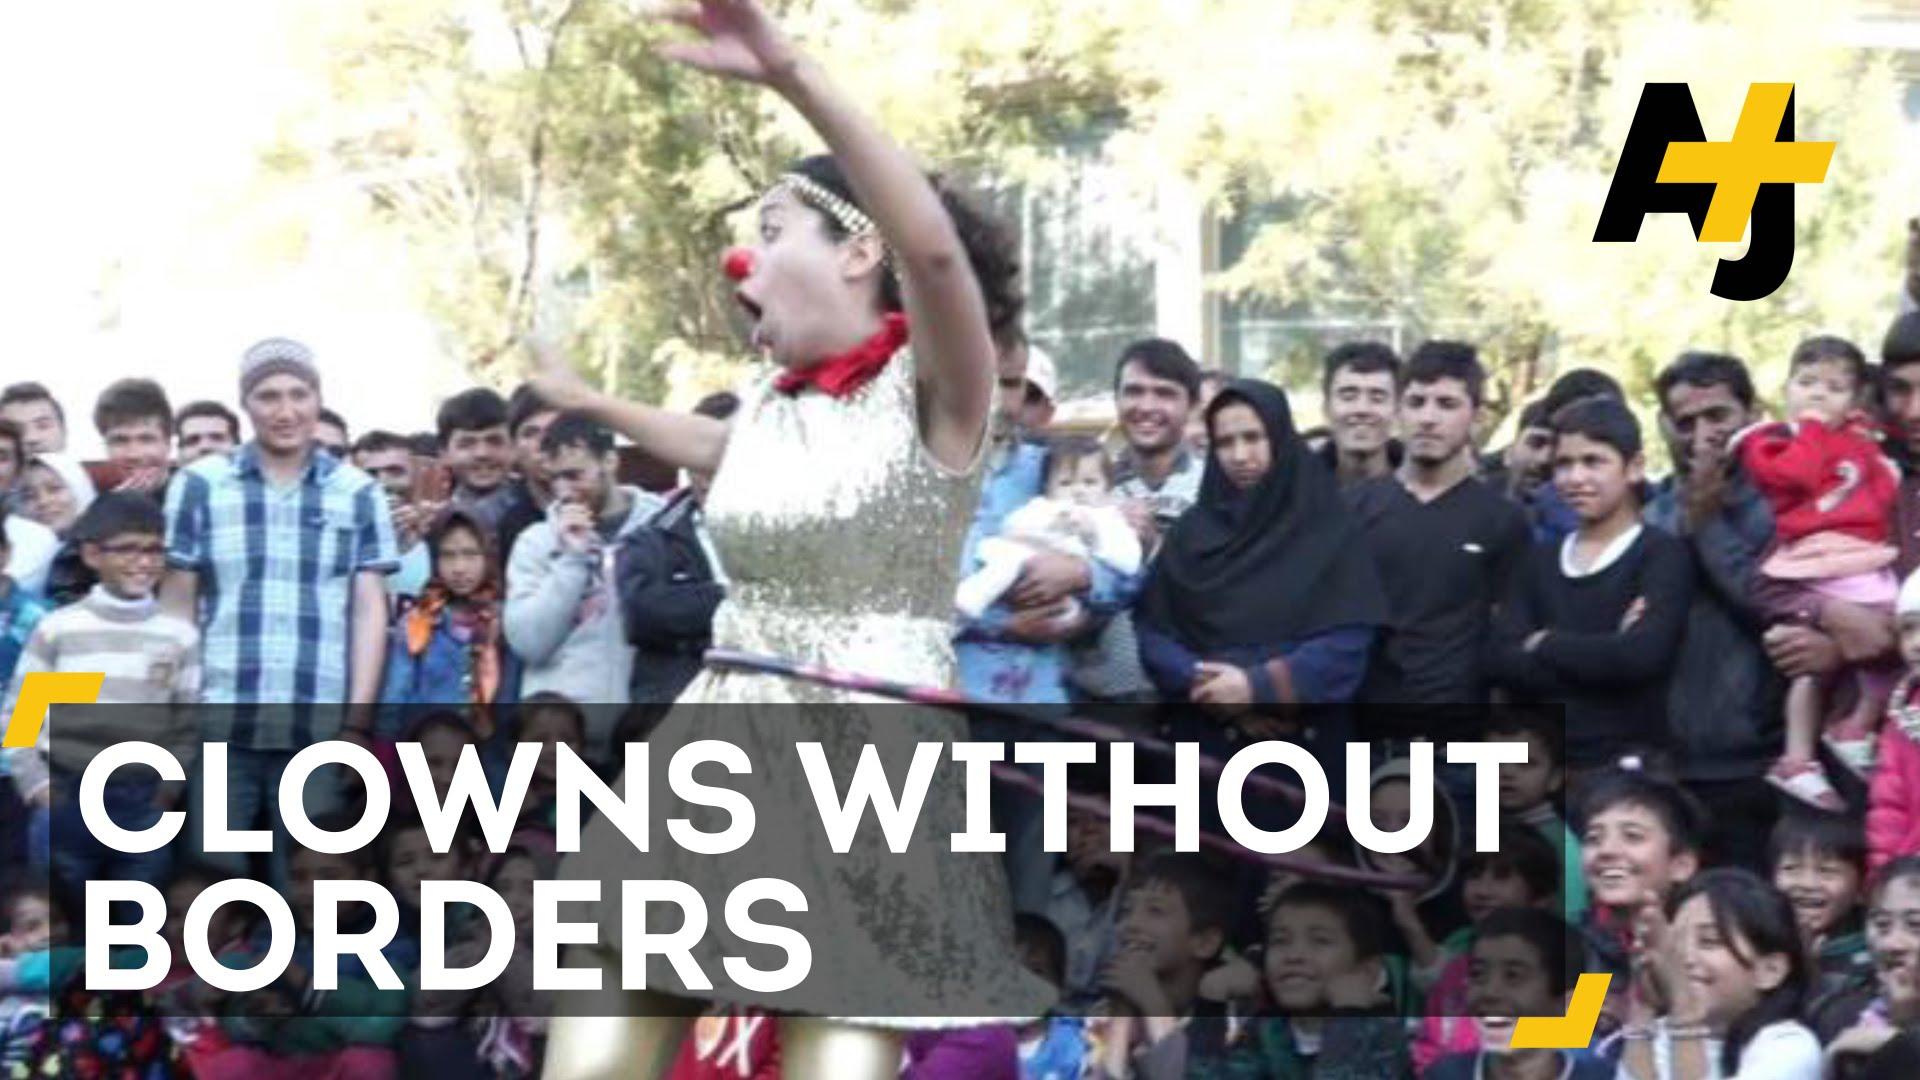 Οι κλόουν χωρίς σύνορα για τους πρόσφυγες